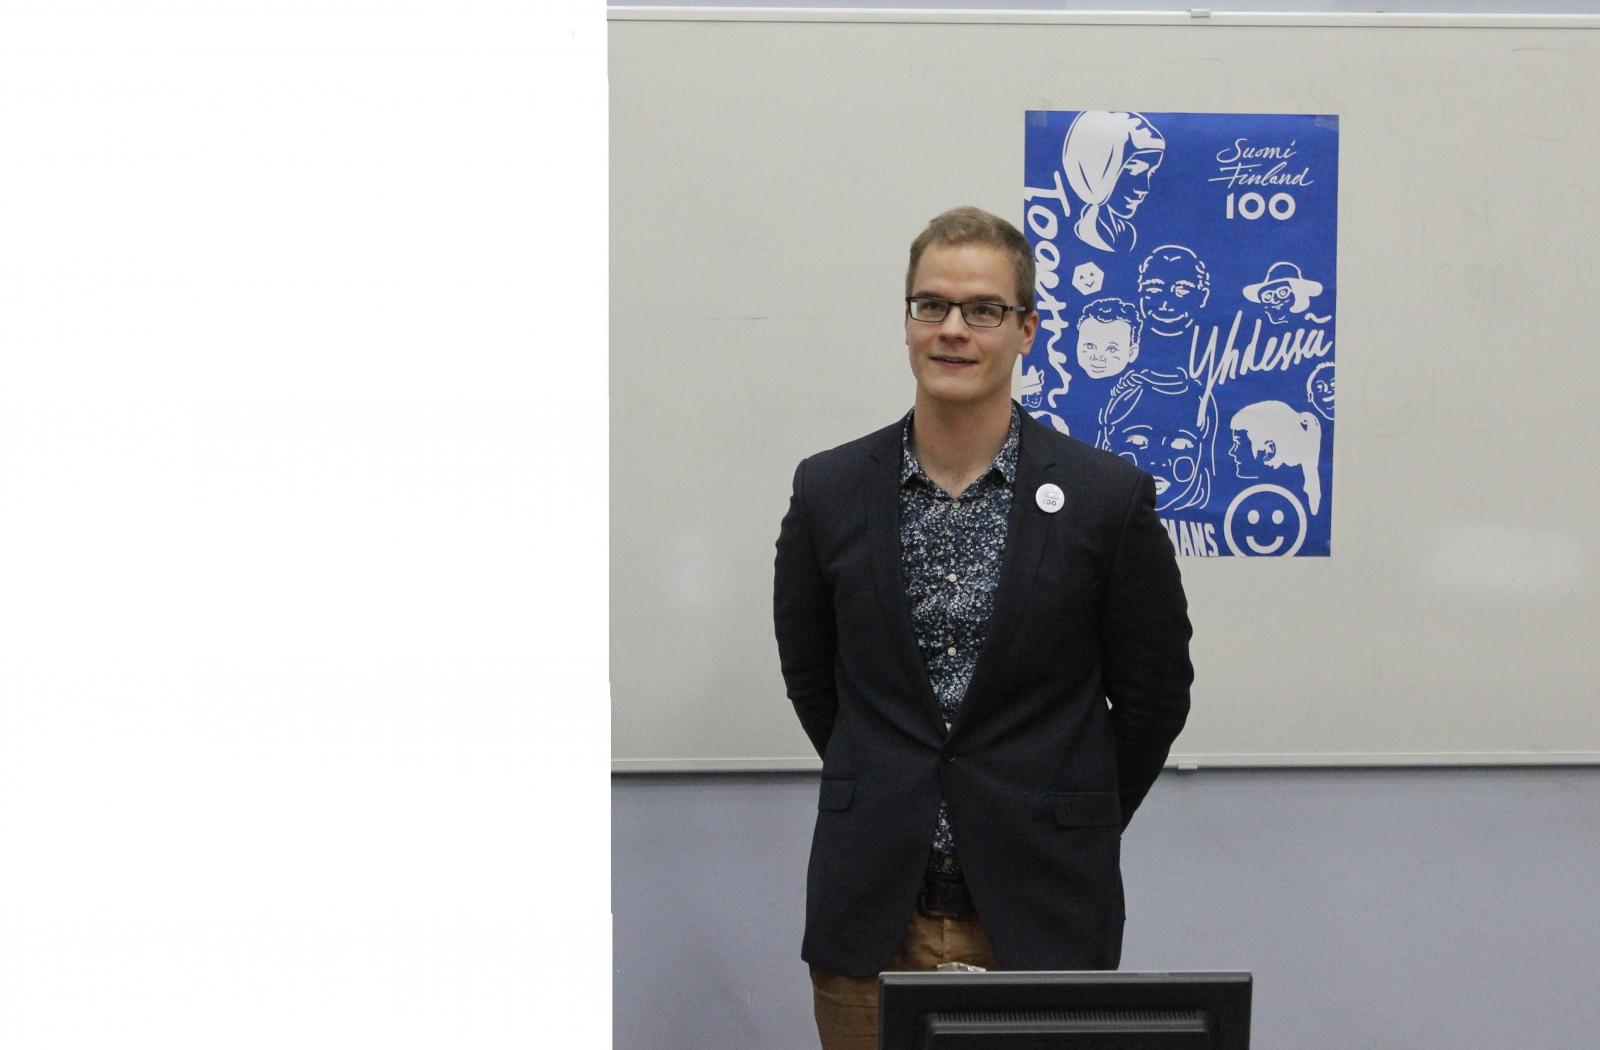 Сотрудник Министерства образования Финляндии Антти Койвусаари поделился своими впечатлениями о работе в ГИ